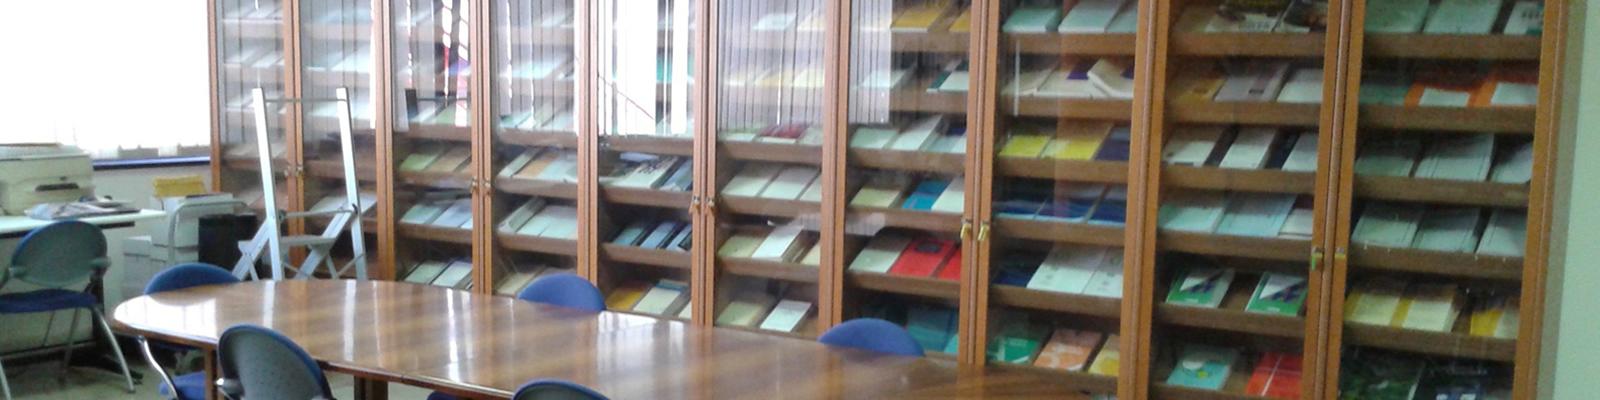 Biblioteca del Dipartimento di Scienze Filosofiche, Pedagogiche ed Economico-Quantitative - DiSFiPEQ